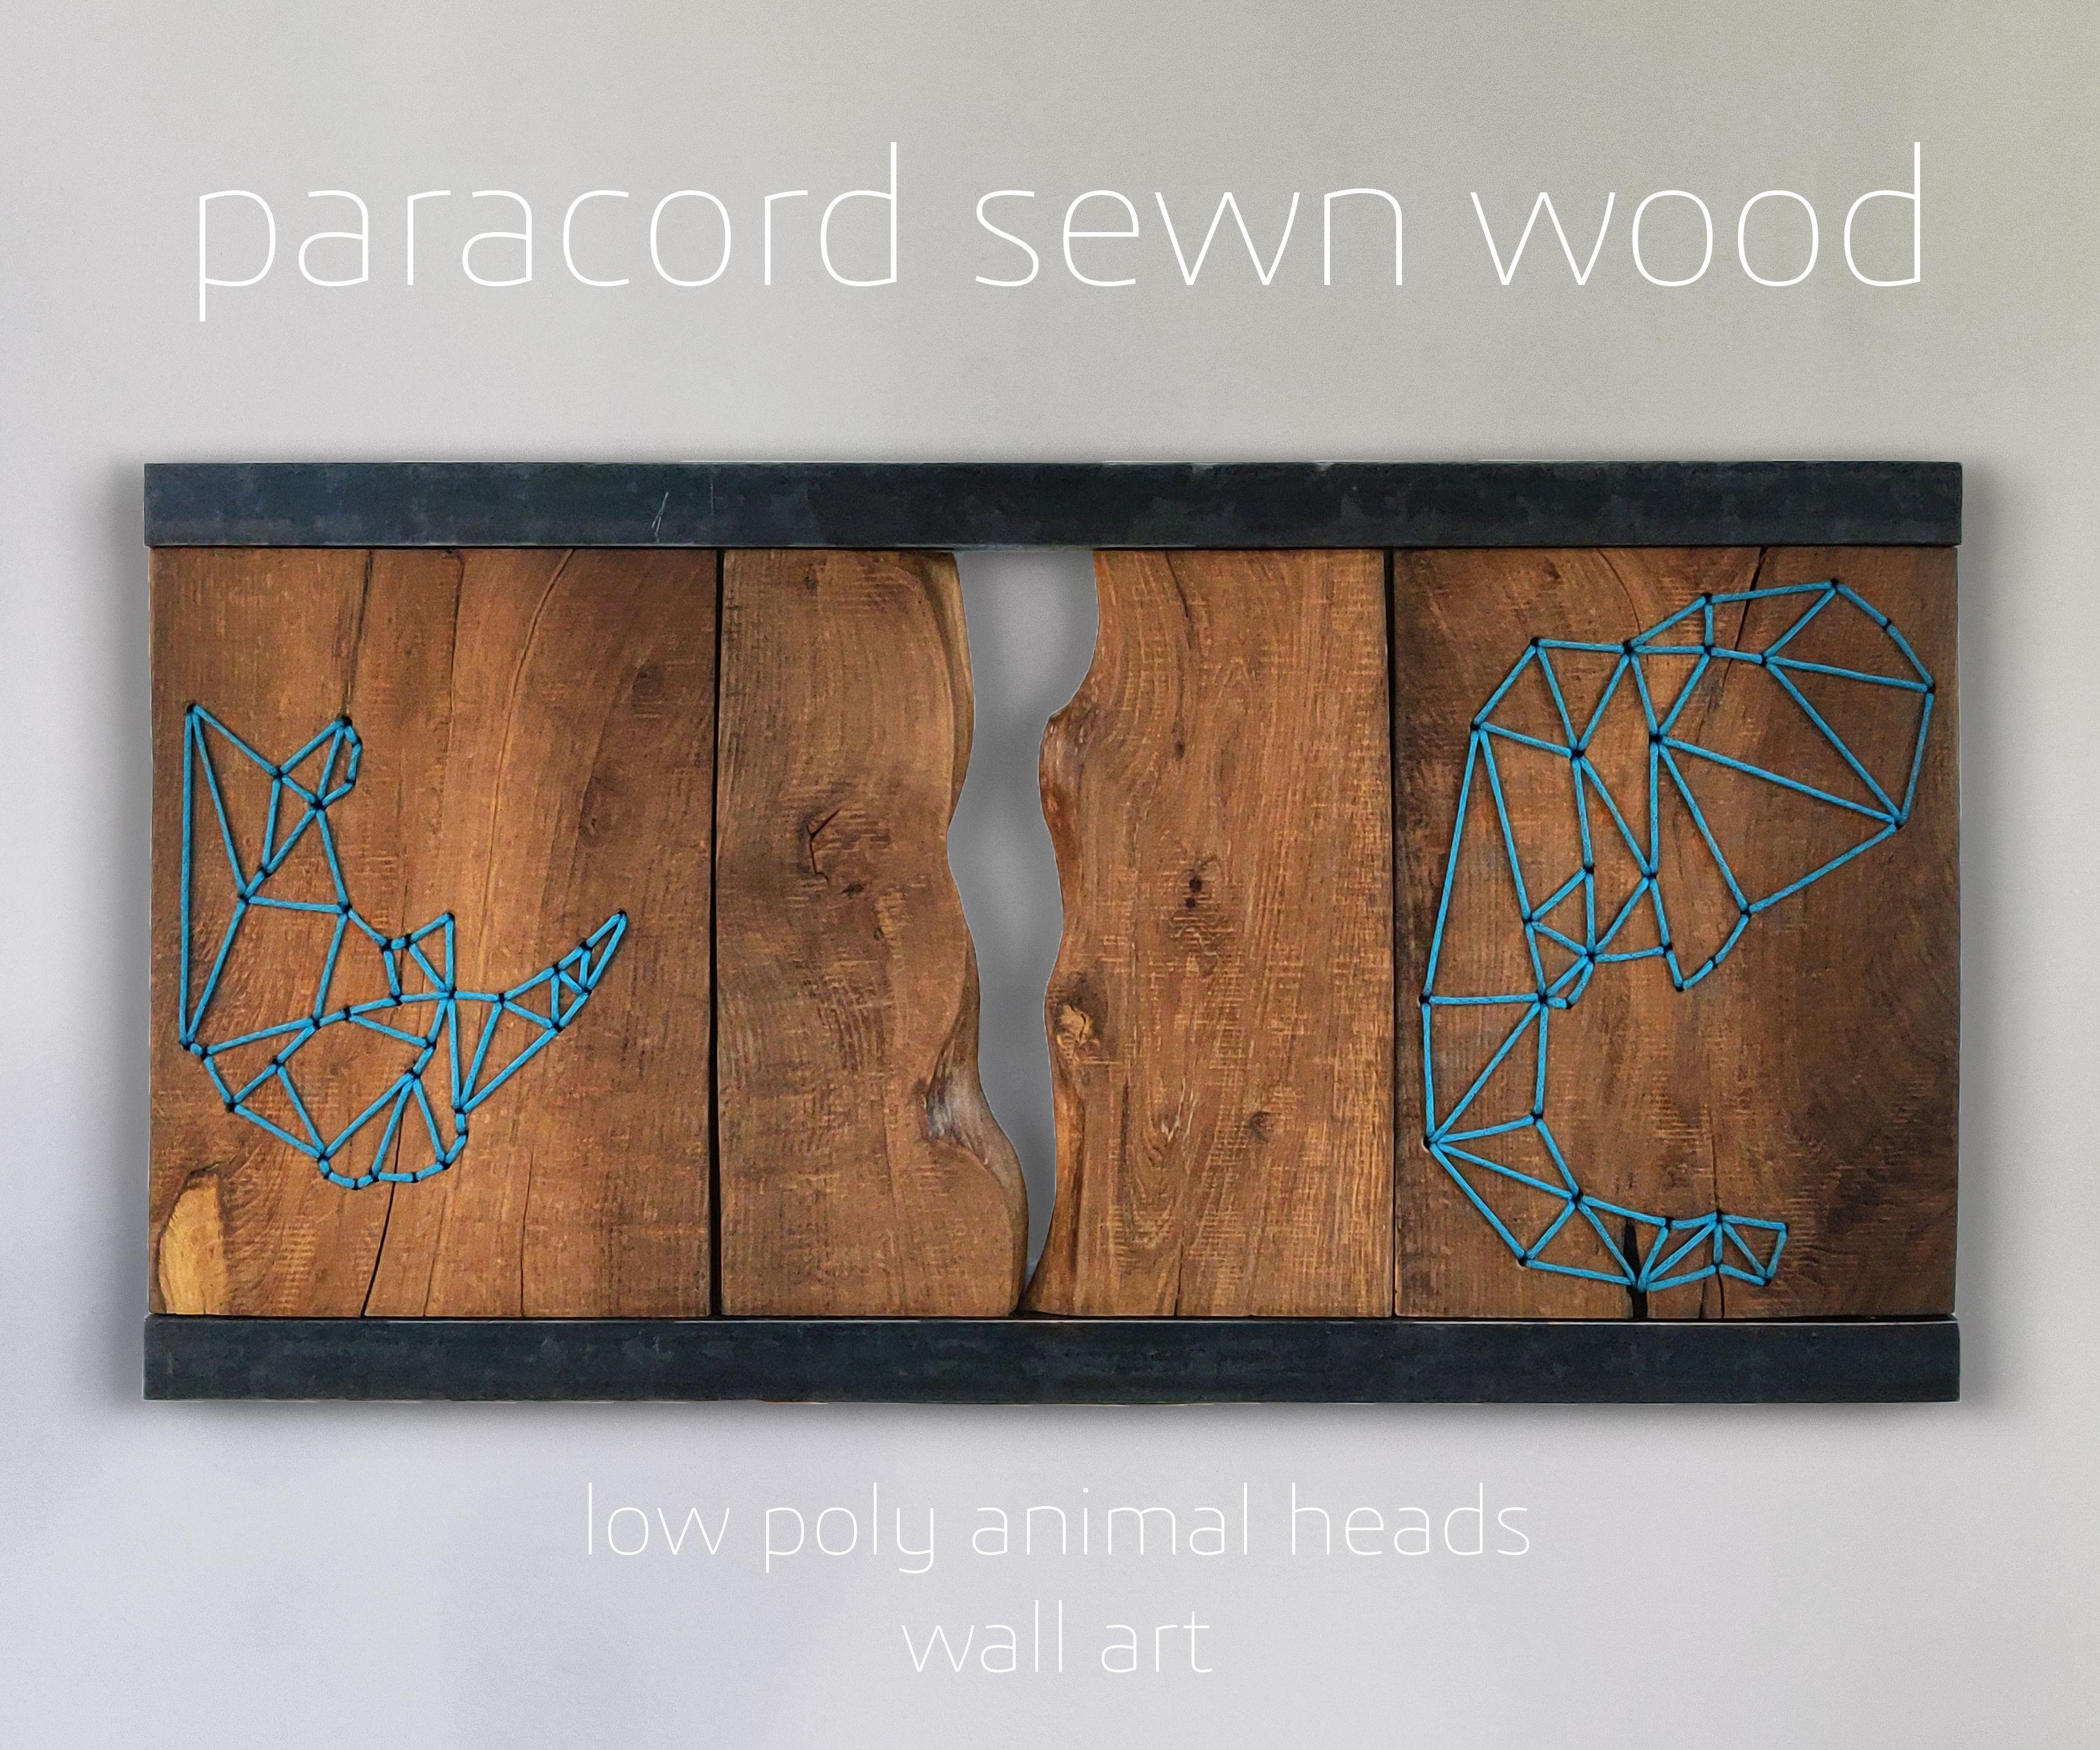 Paracord Sewn Wood - Wall Art